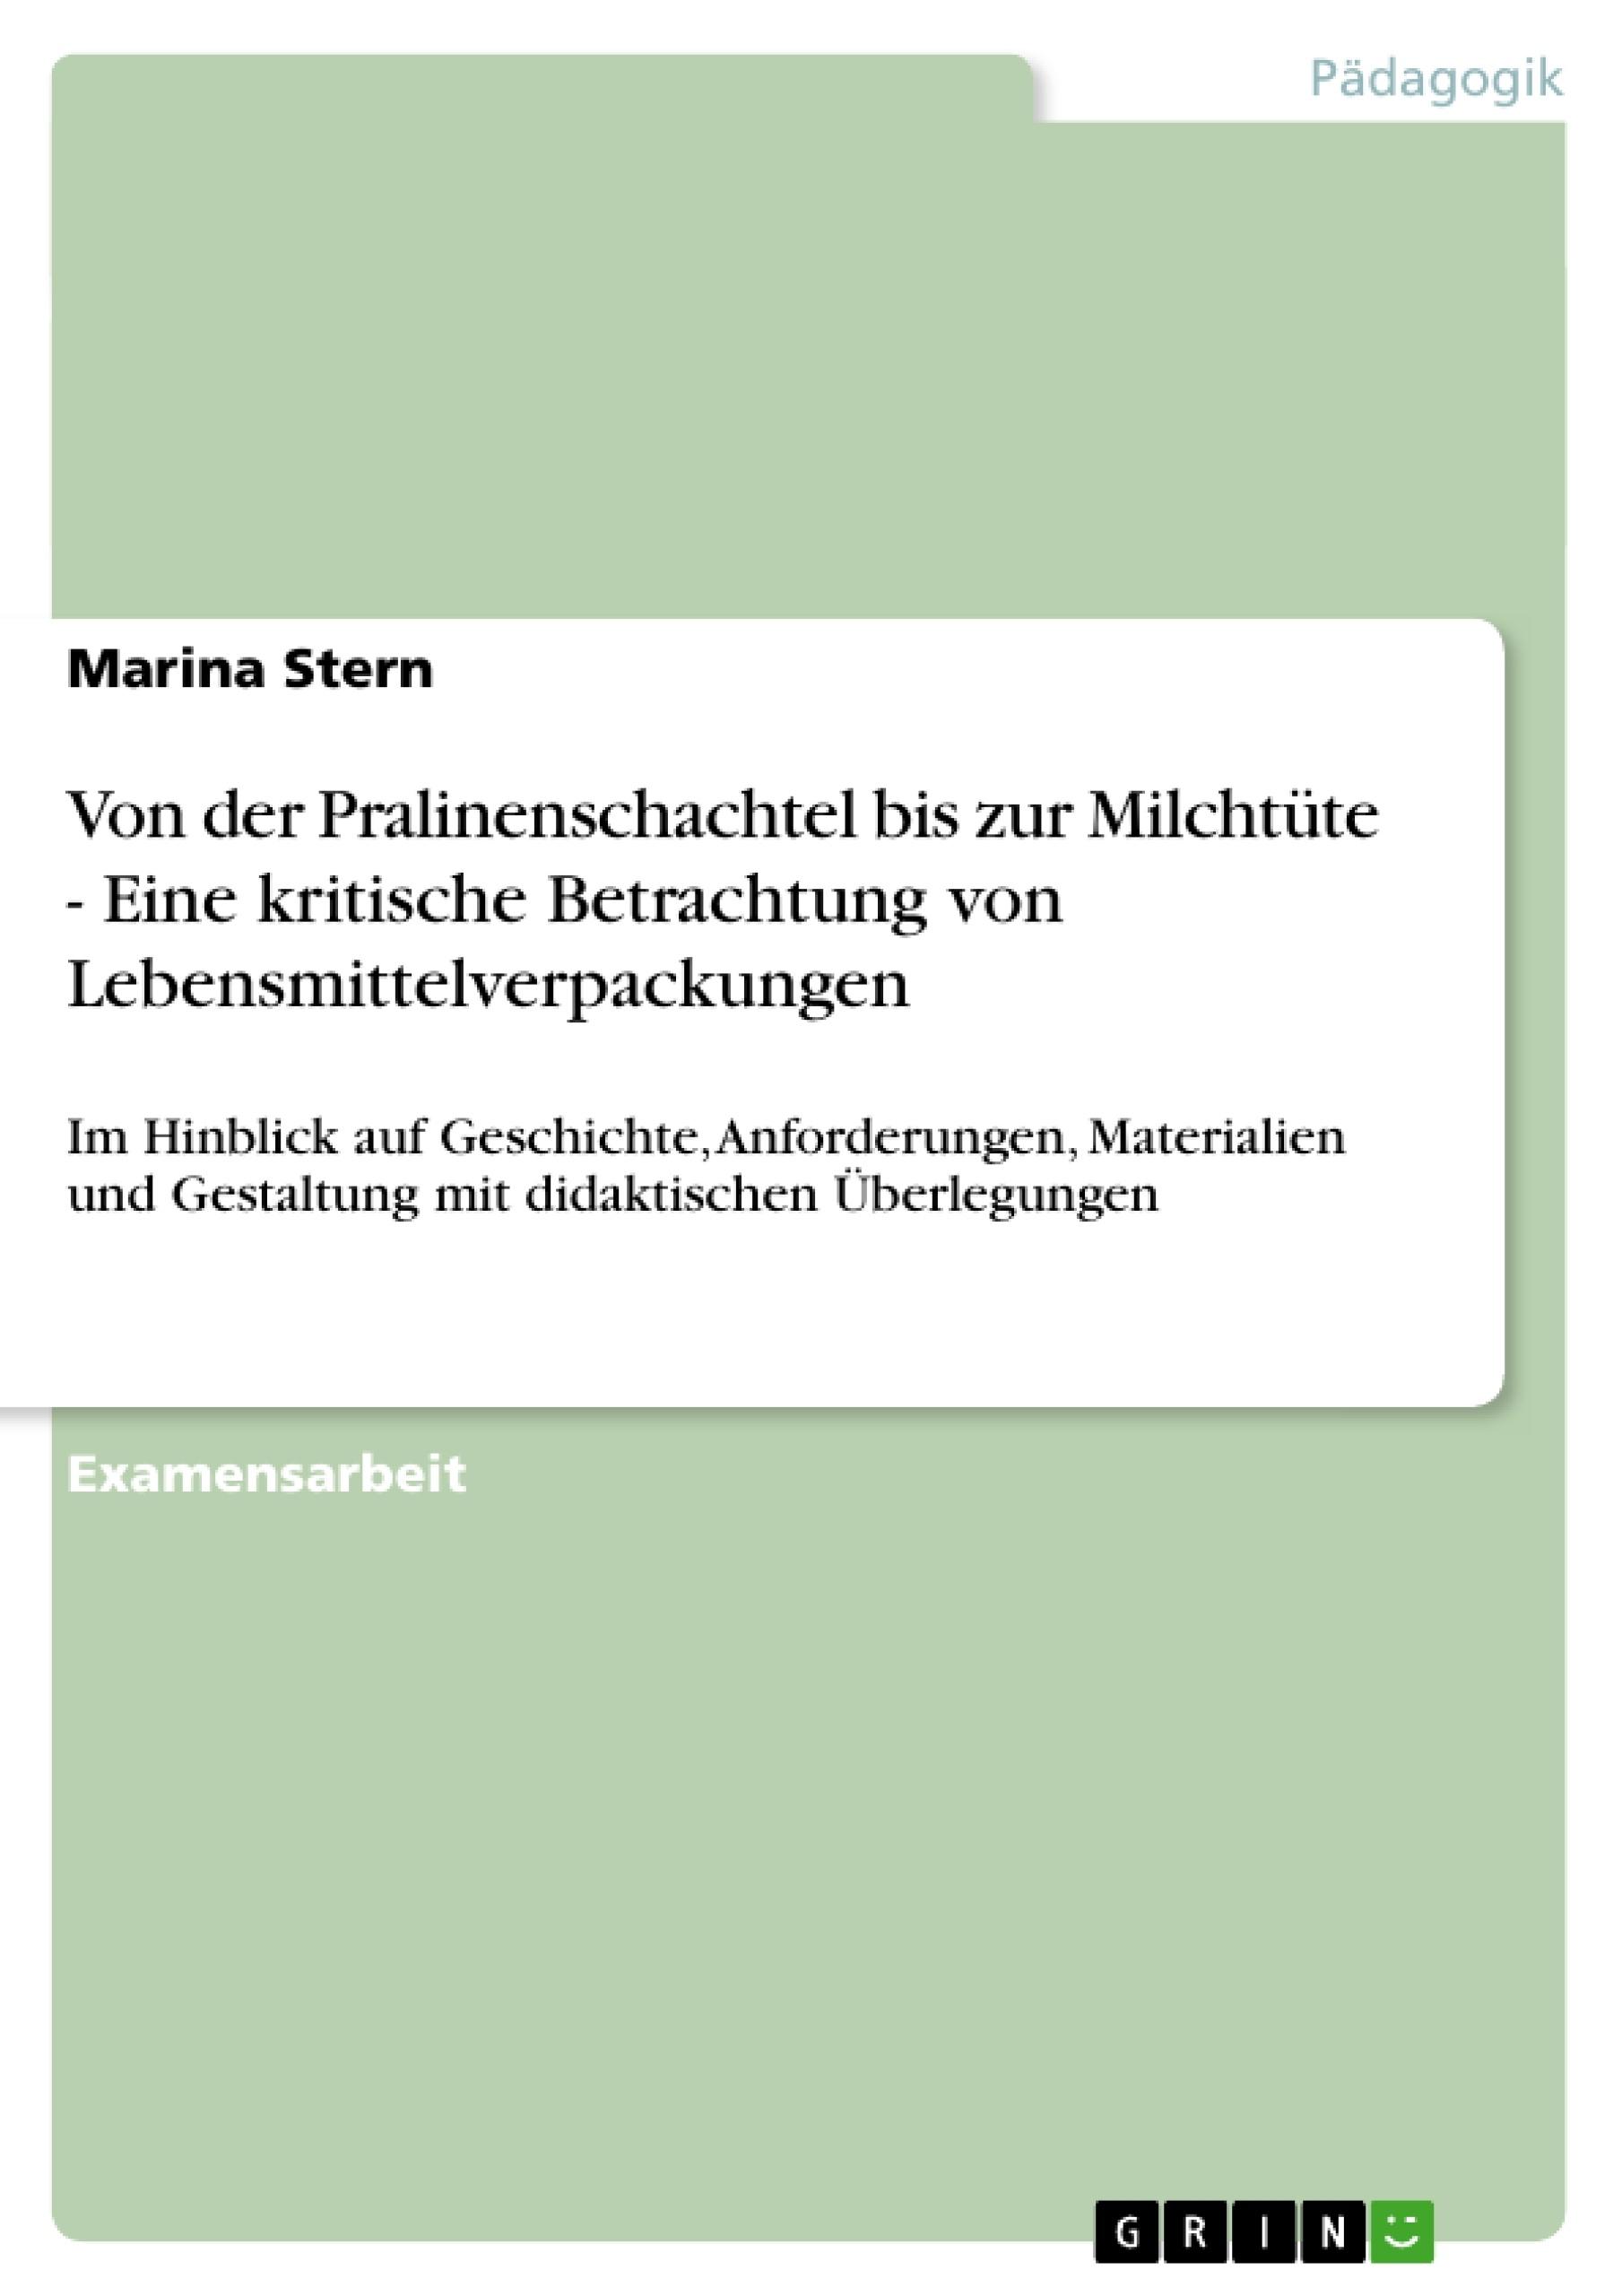 Titel: Von der Pralinenschachtel bis zur Milchtüte - Eine kritische Betrachtung von Lebensmittelverpackungen